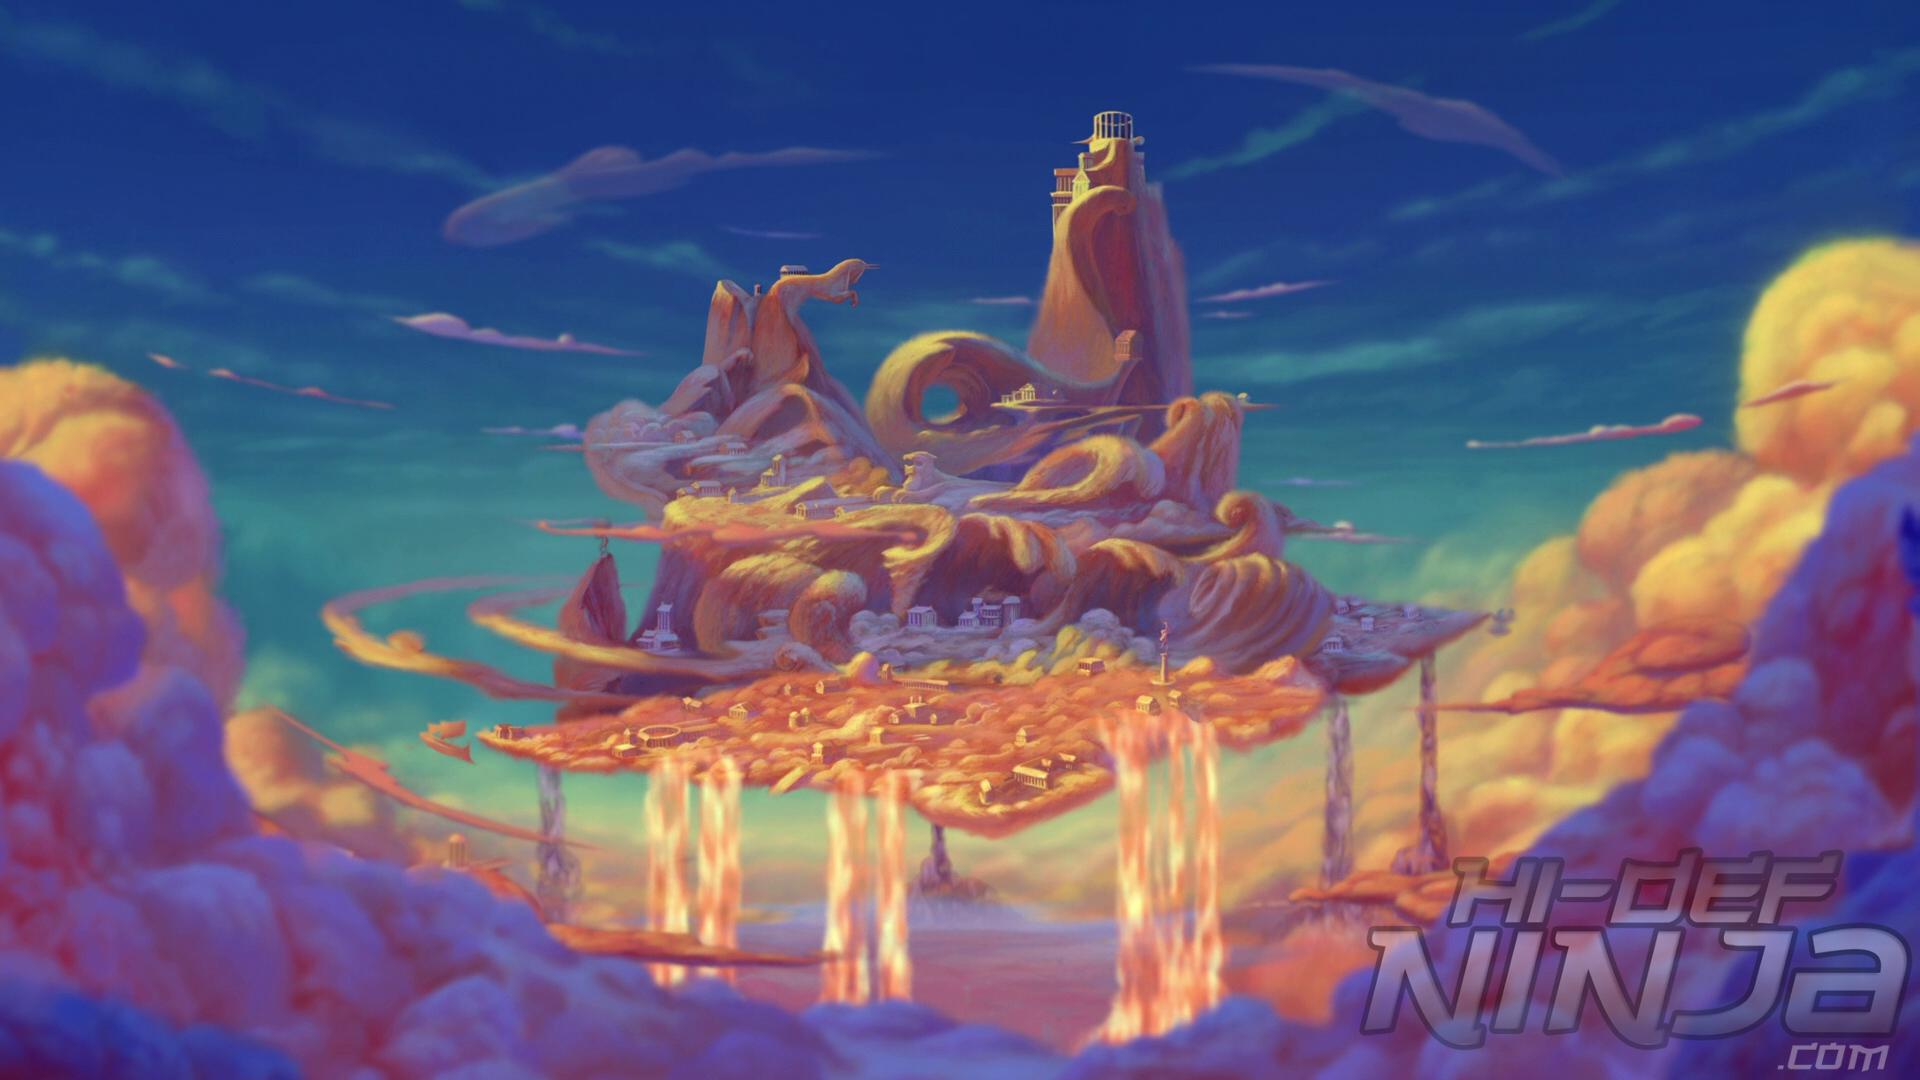 Disney-Hercules-02